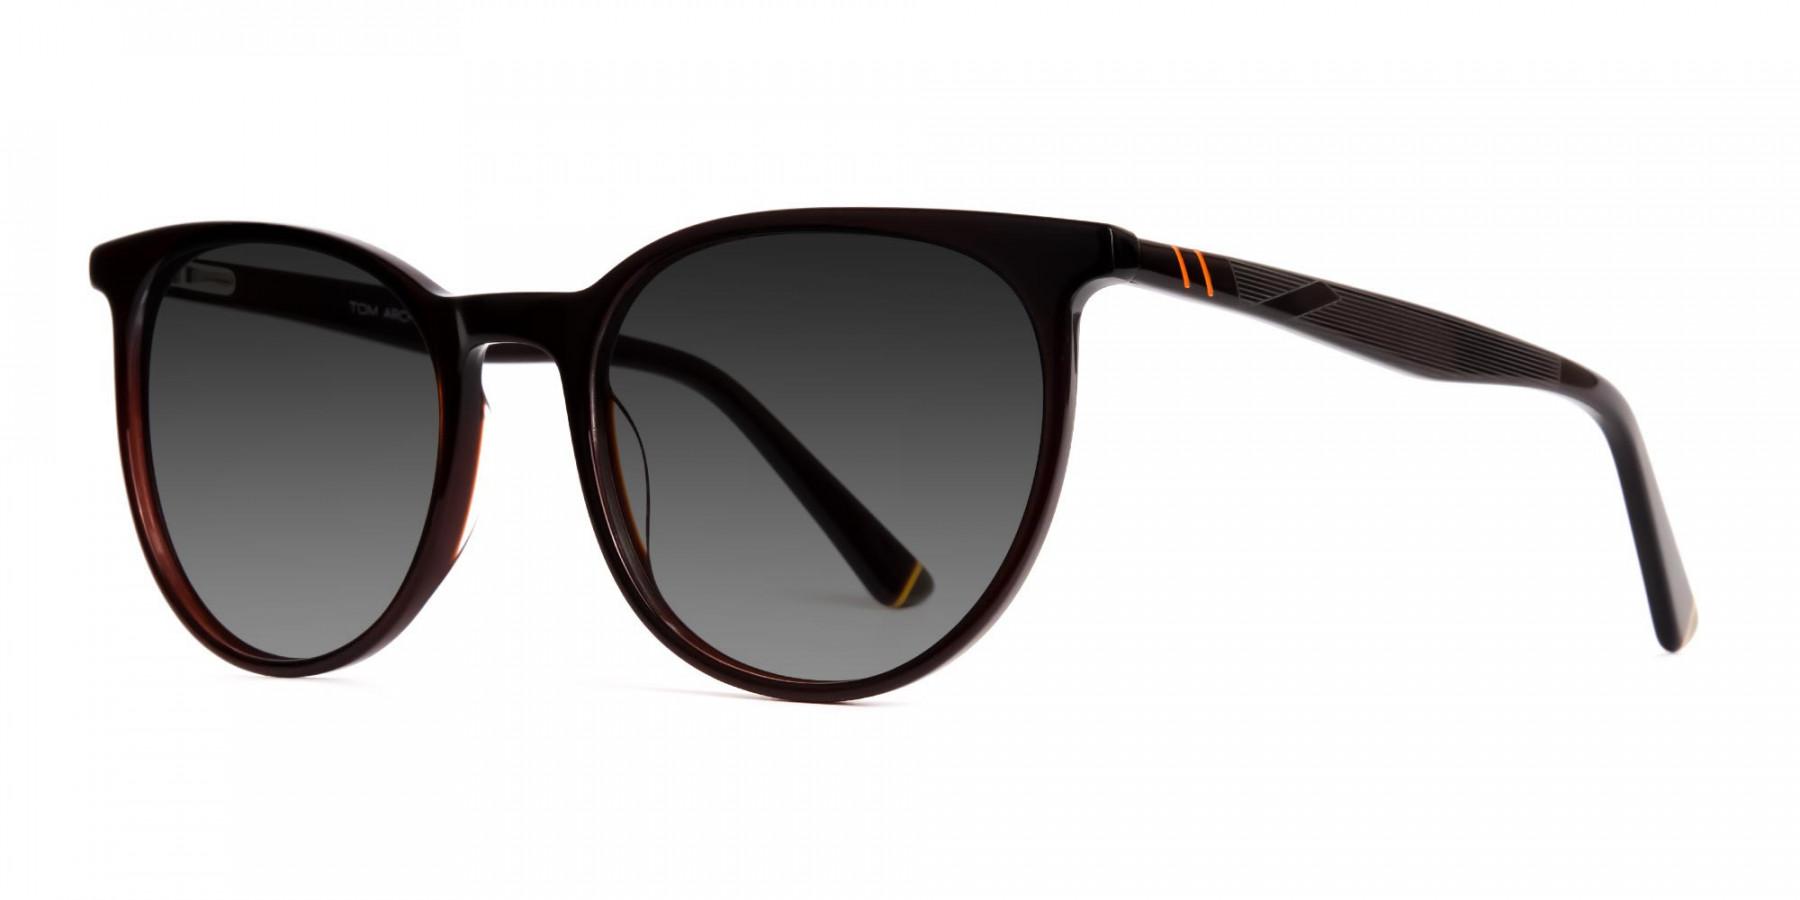 dark-brown-full-rim-grey-tinted-sunglasses-frames-3